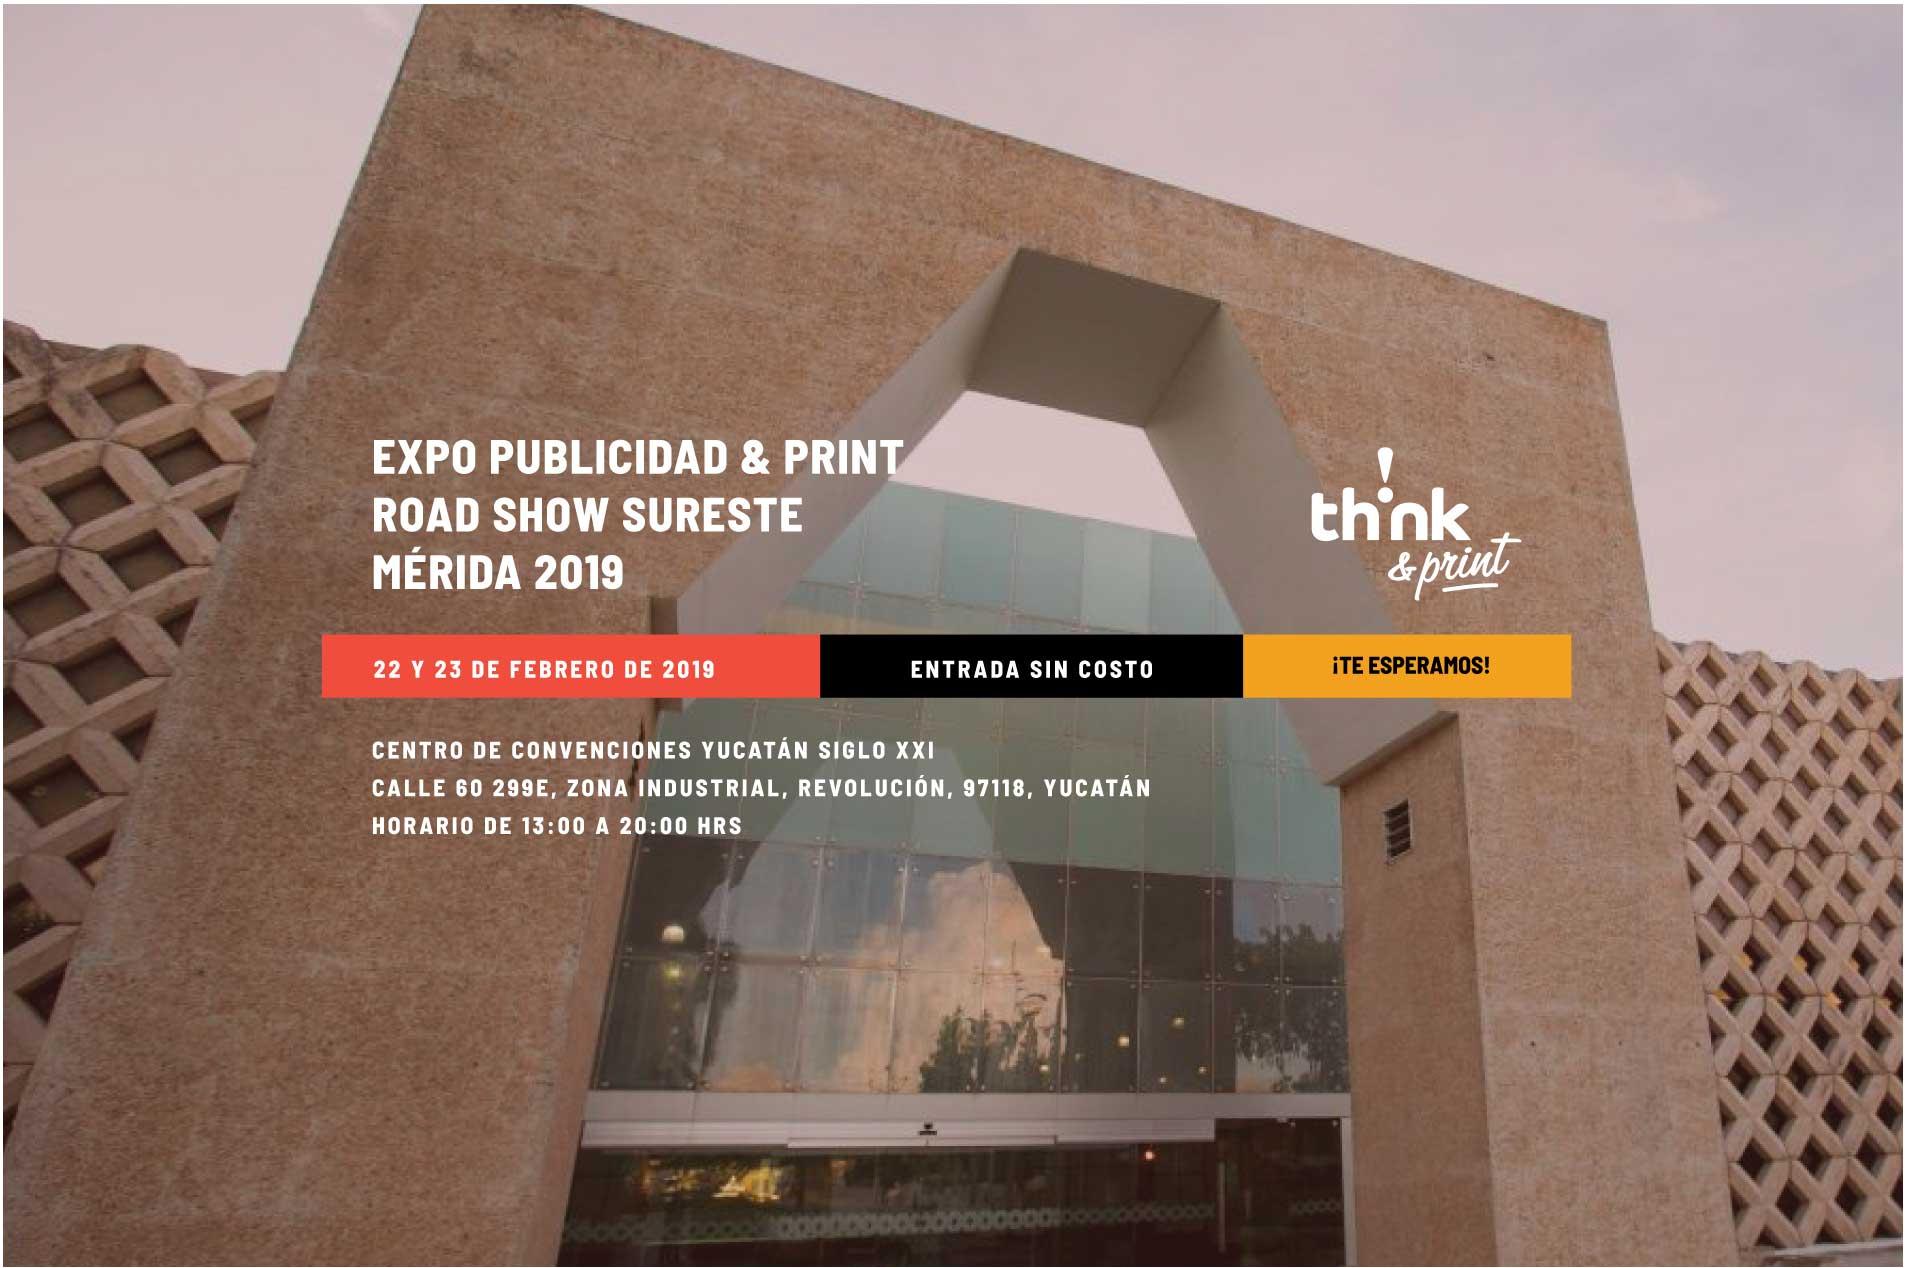 expo-publicidad-merida-2019